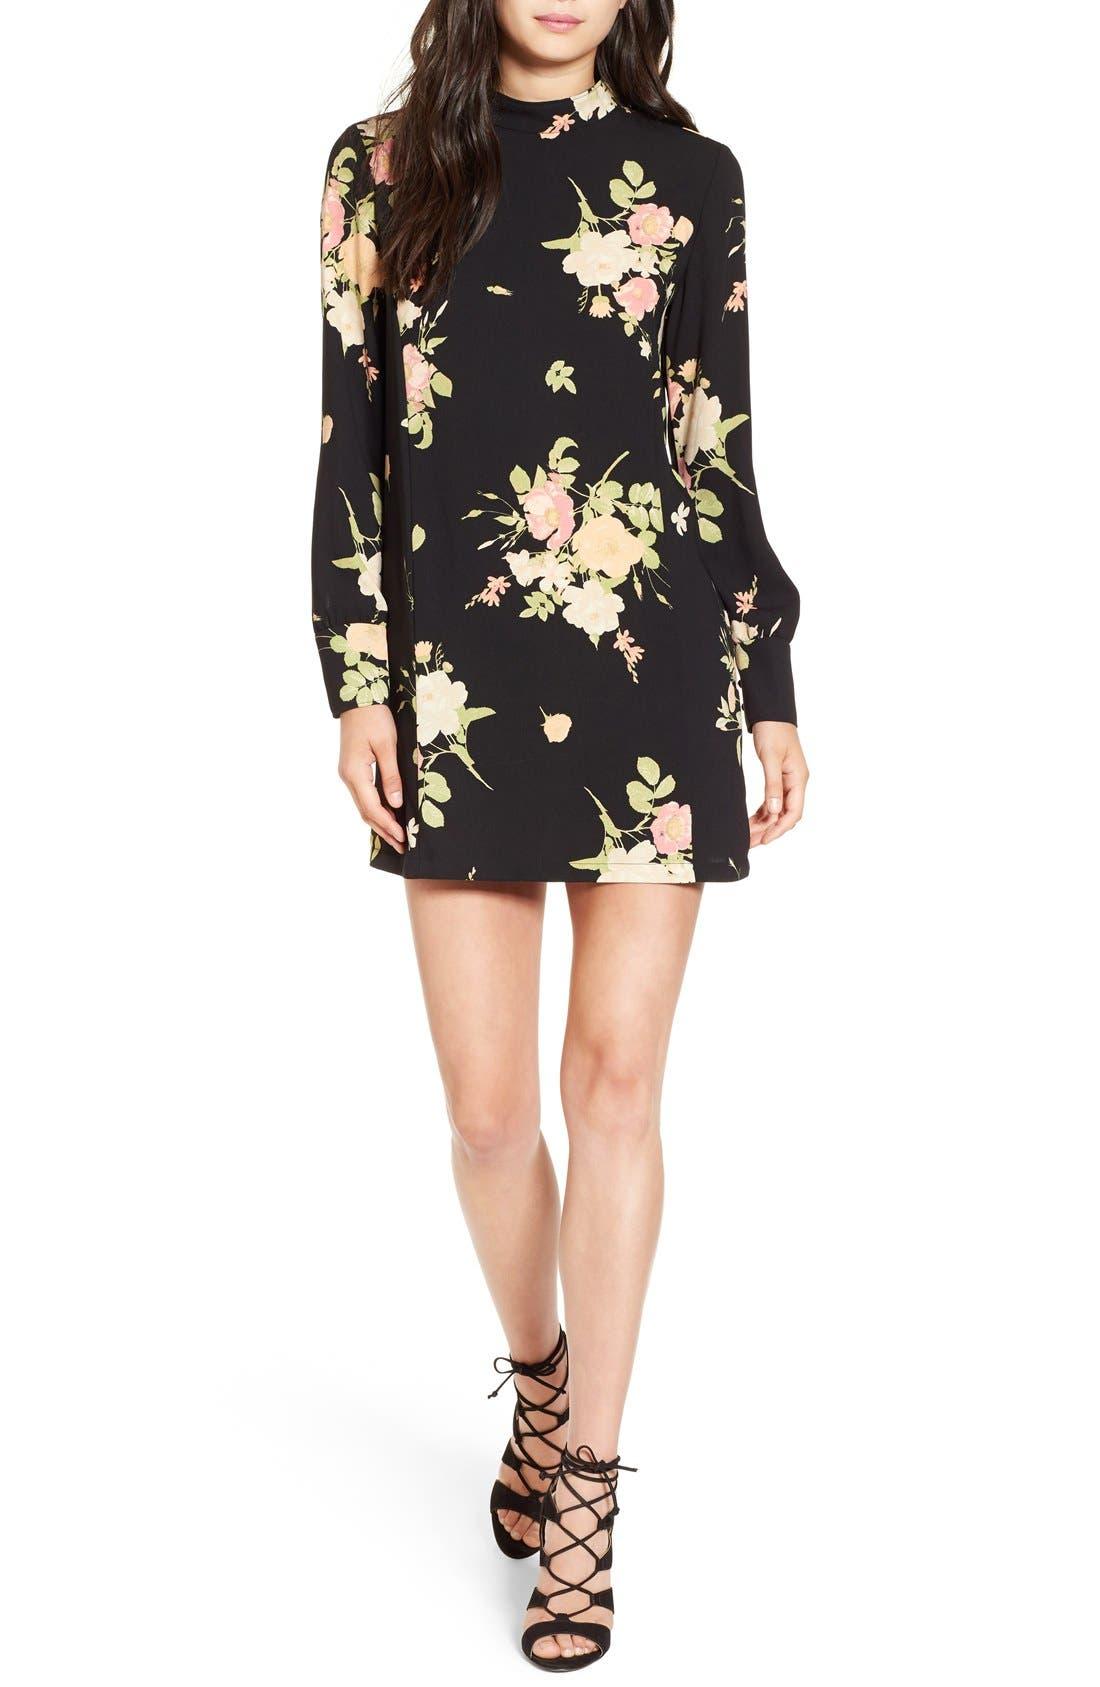 Alternate Image 1 Selected - Leith Floral Print Mock Neck Shift Dress